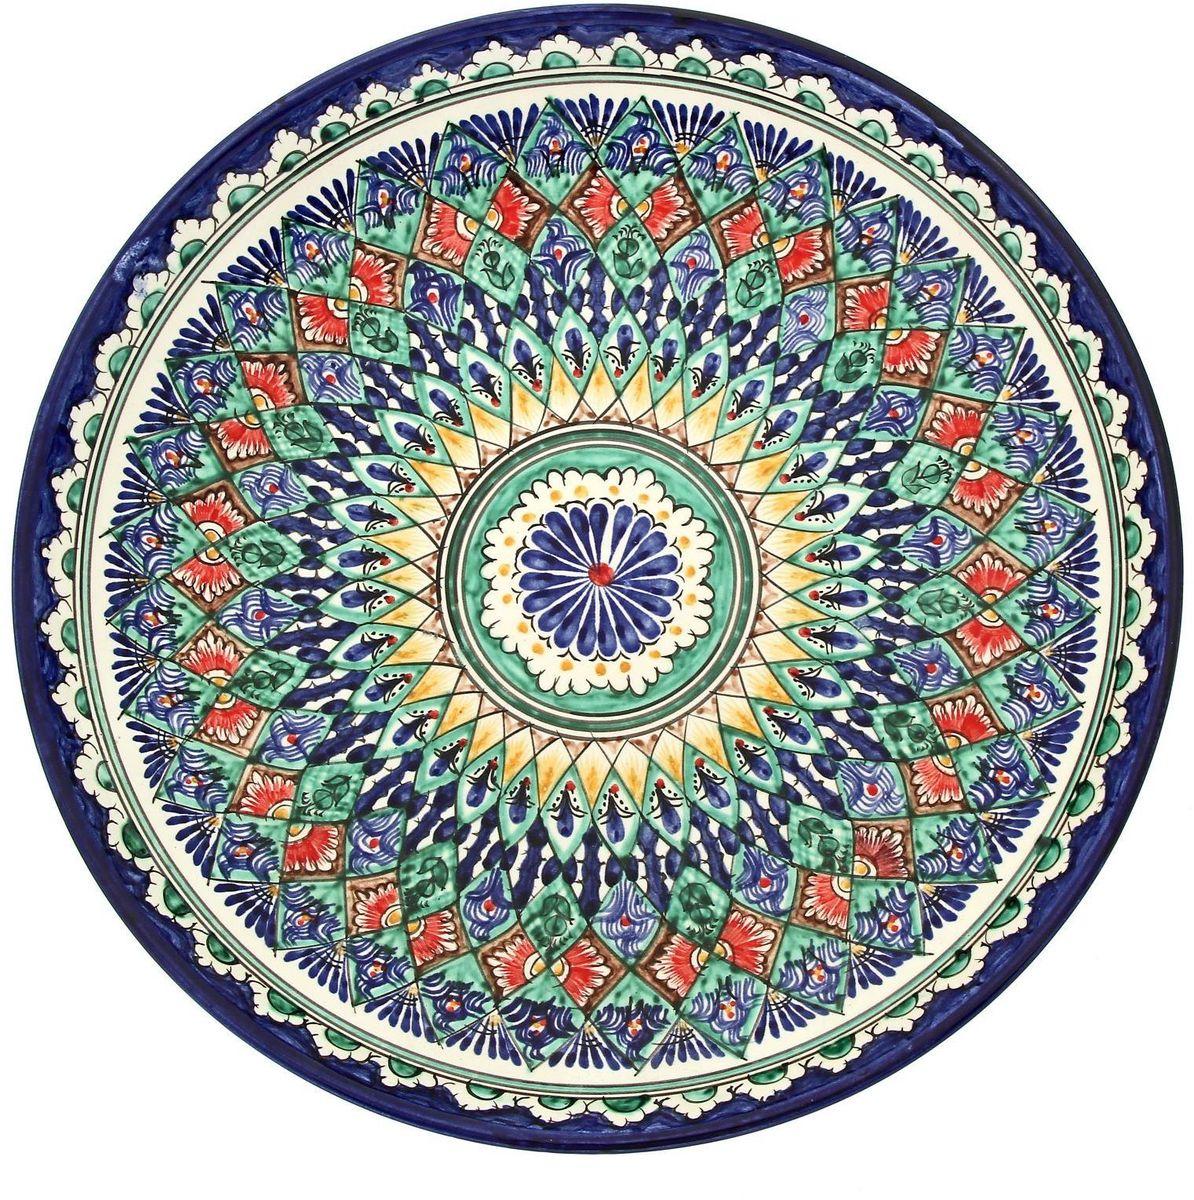 Ляган Риштанская керамика, диаметр 31 см. 19234641923464Ляган Риштанская керамика - это не просто обеденный атрибут, это украшение стола. Посуда с национальной росписью станет отменным подарком для ценителей высокородной посуды. Риштан - город на востоке Узбекистана, один из древнейших в Ферганской долине. С давних времен Риштан славится своим гончарным искусством изготовления цветной керамики. Красноватую глину для изделия добывают в самом городе. Мастера утверждают, что их глина настолько высокого качества, что даже не нуждается в предварительной обработке. Дополните коллекцию кухонных аксессуаров пряными восточными нотами.